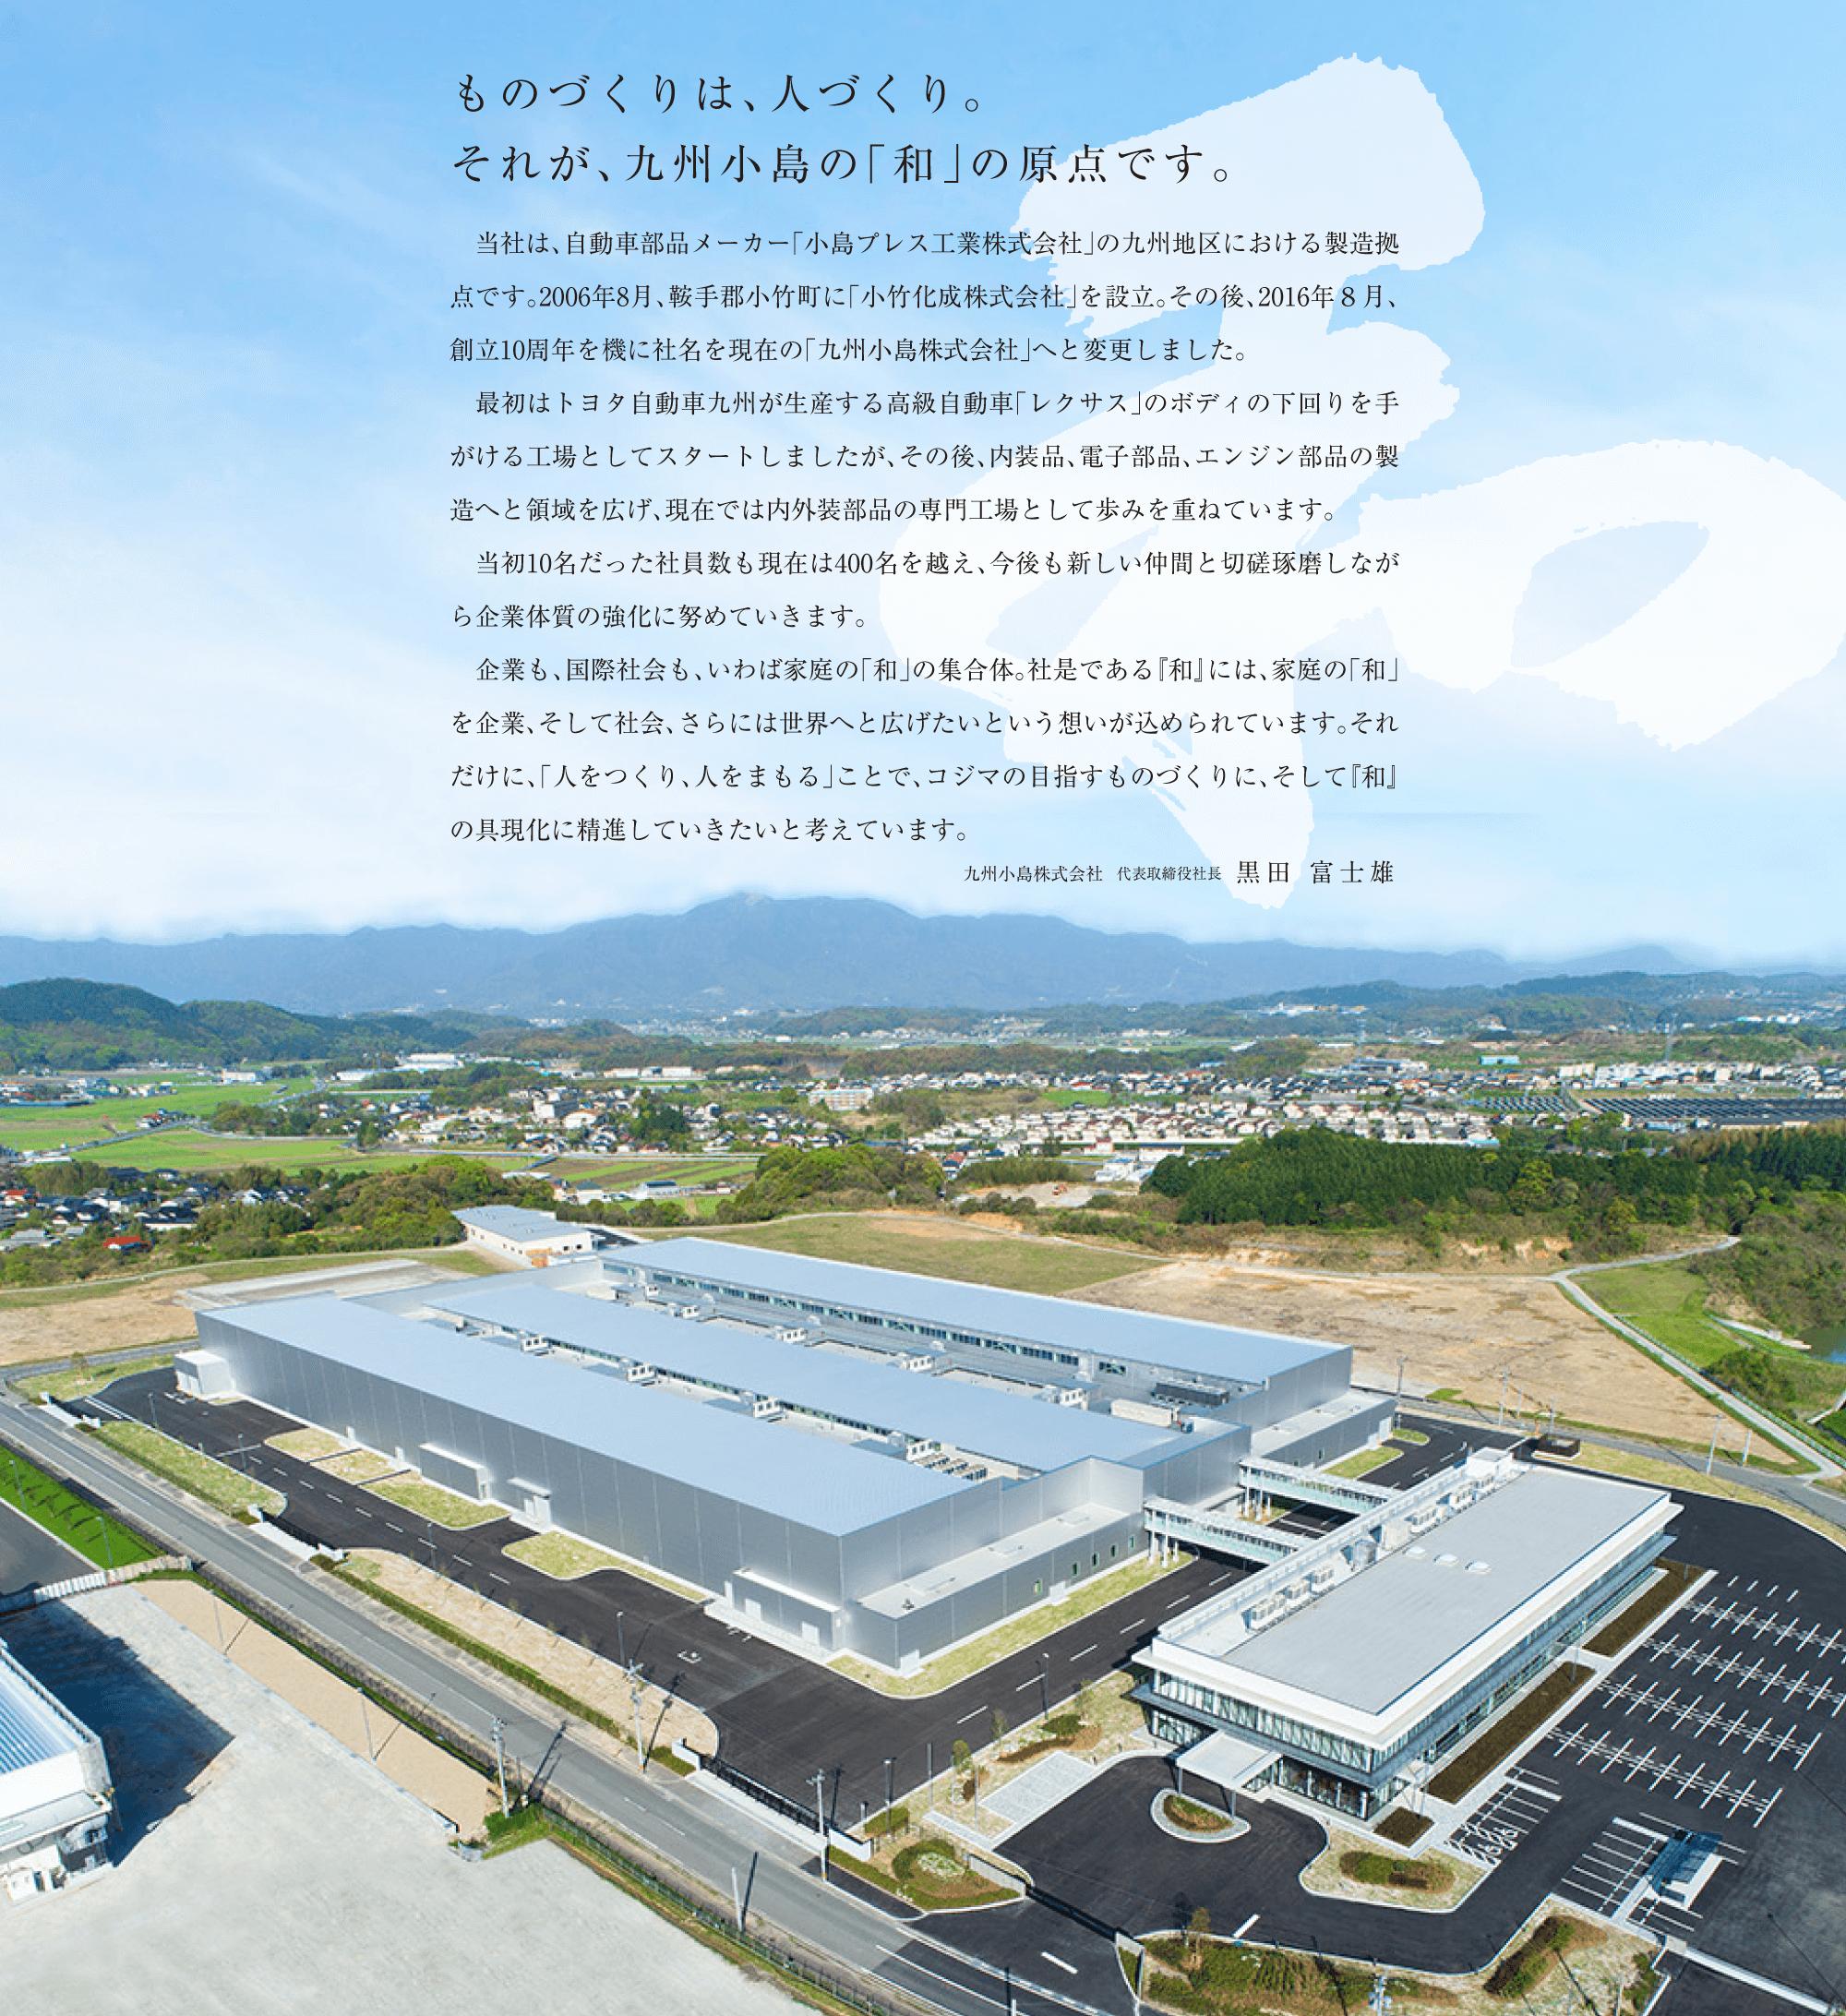 ものづくりは、人づくり。それが、九州小島の「和」の原点です。